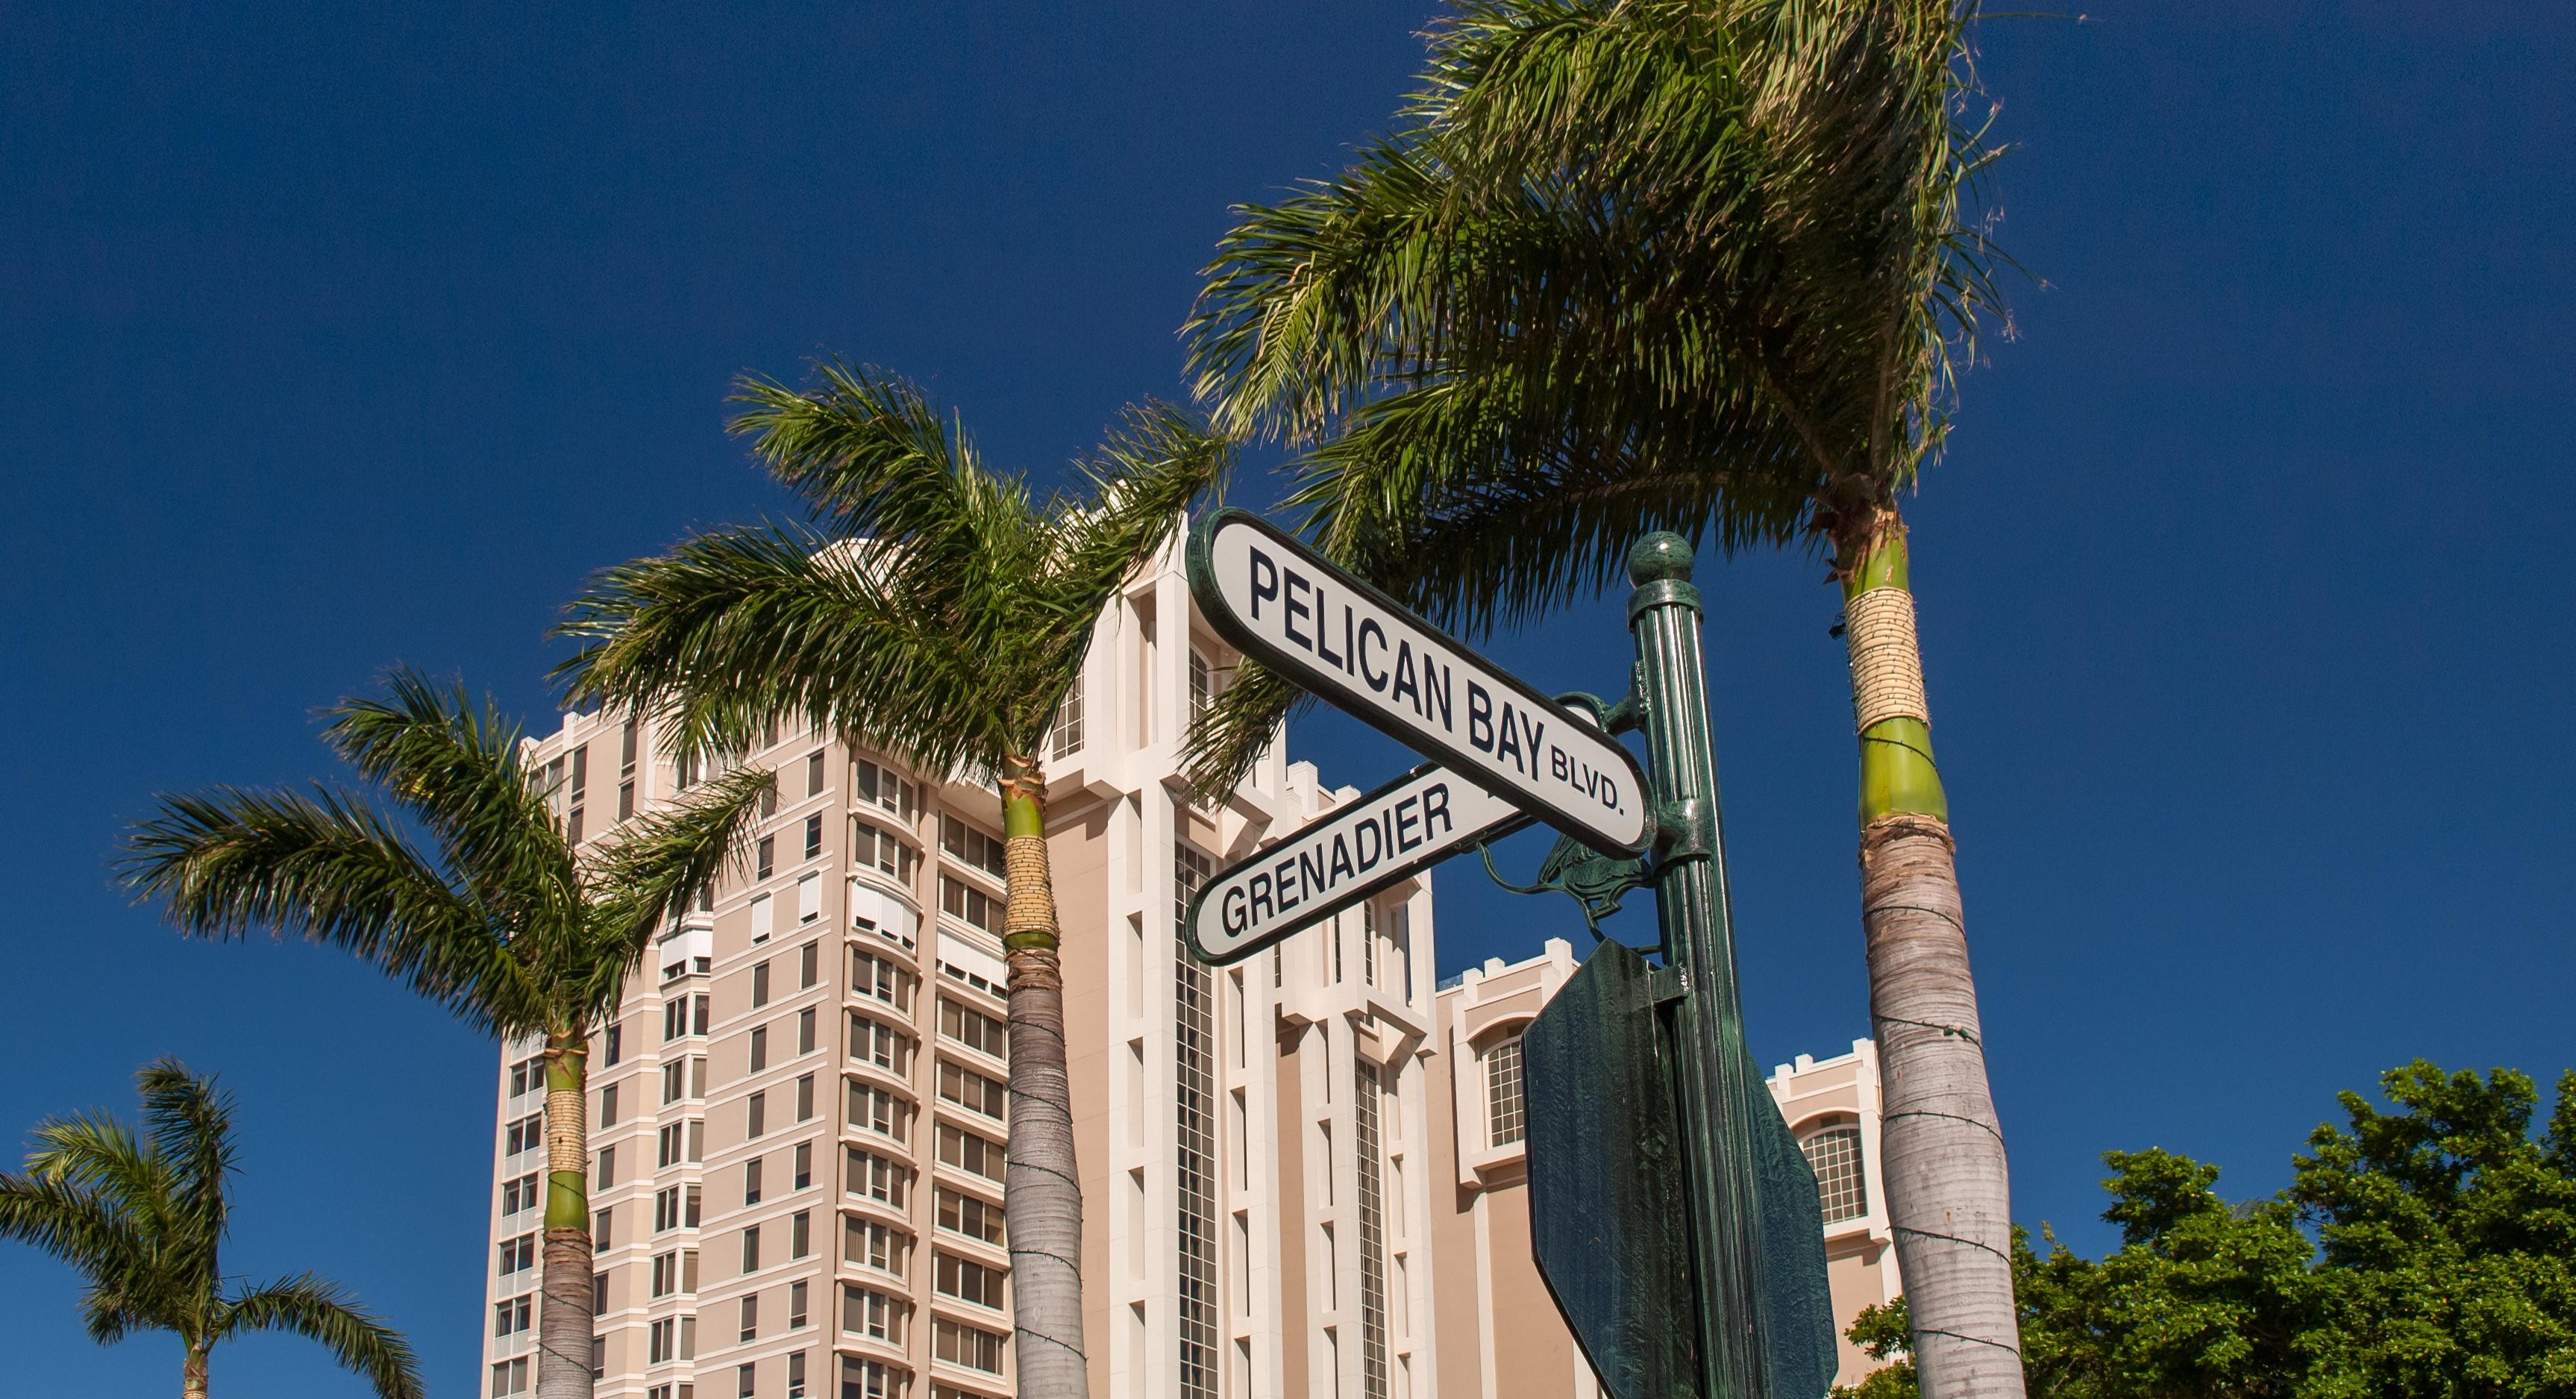 Hauskauf Florida als Wohnanlage,. Ferienwohnung Florida kaufen, Naples, Bonita Springs, Estero, Fort Myers, Fort Myers Beach, Cape Coral,. Sanibel, Marco Island,